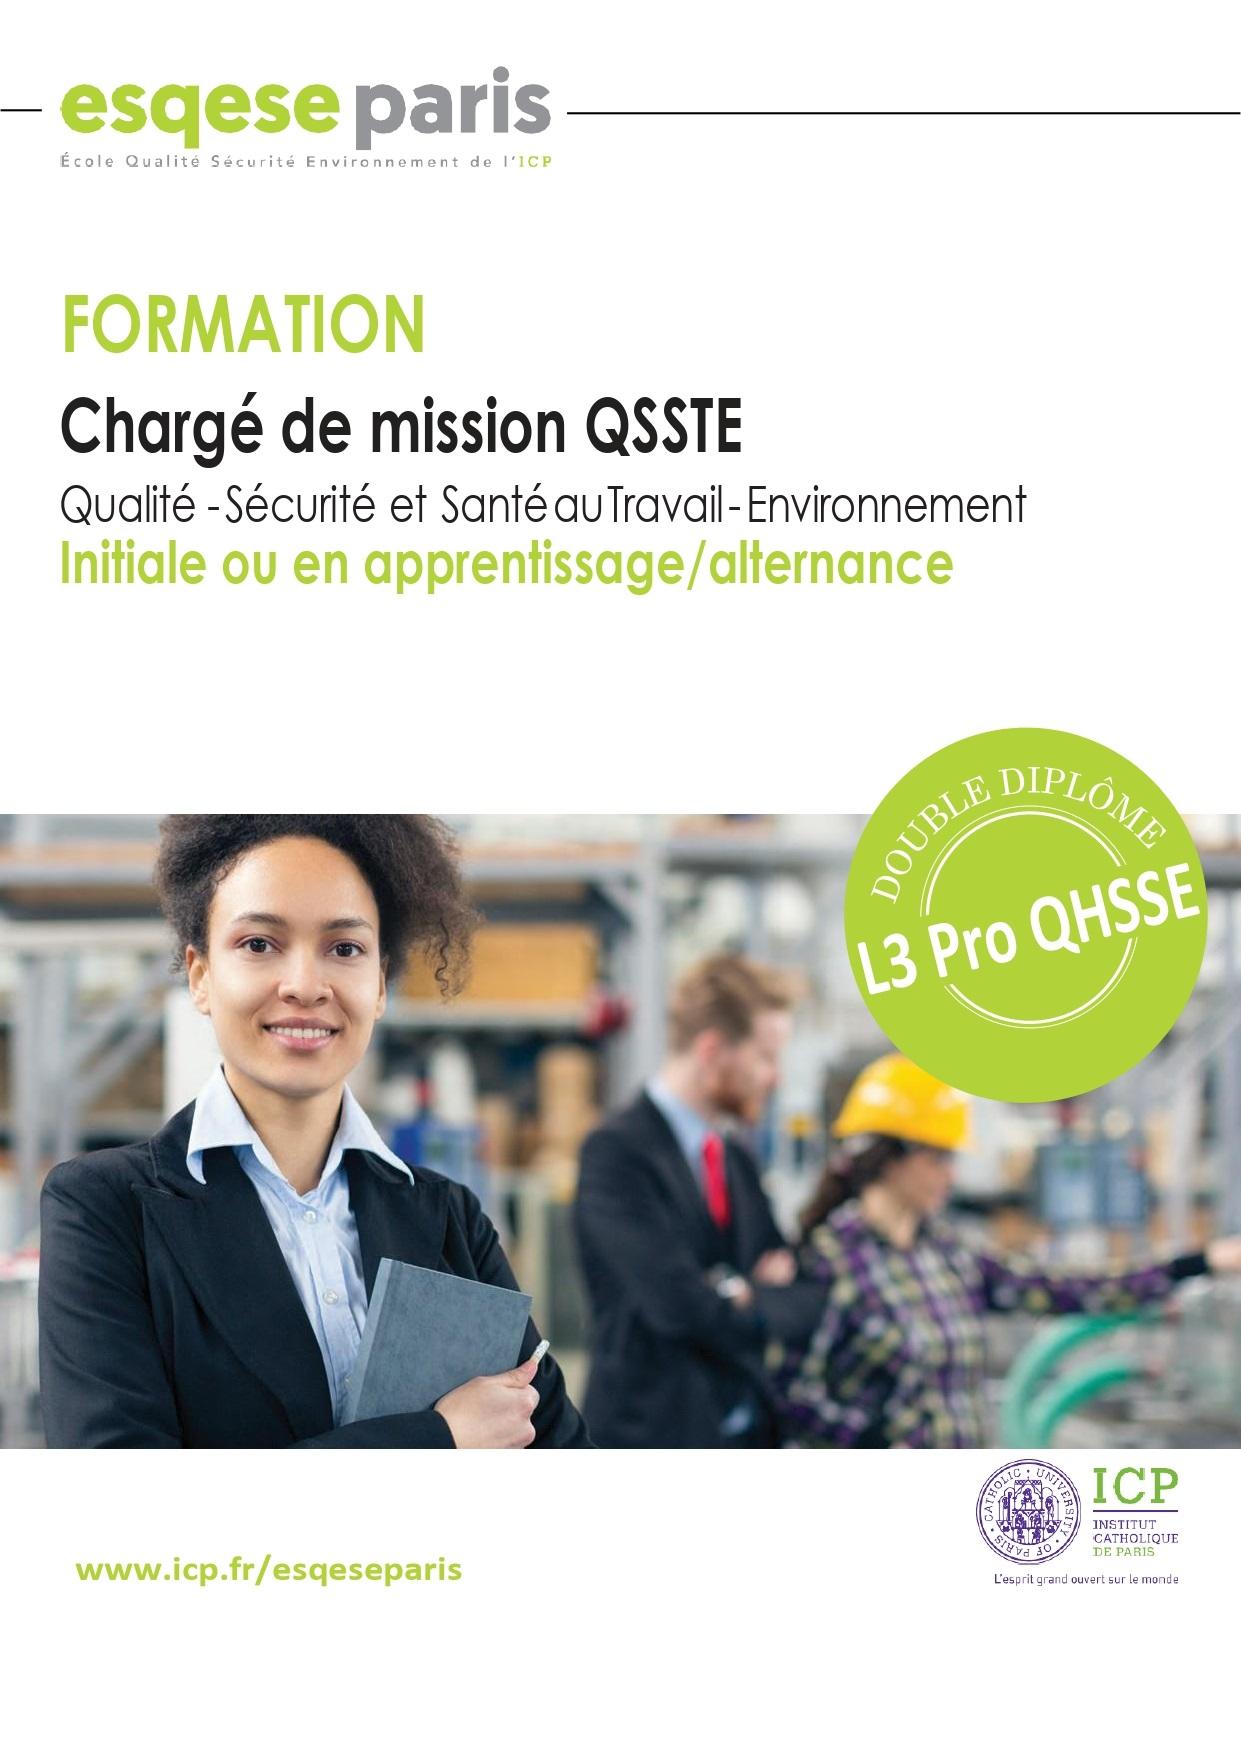 Brochure L3 Pro QHSSE 2021-2022 - ICP/Esqese